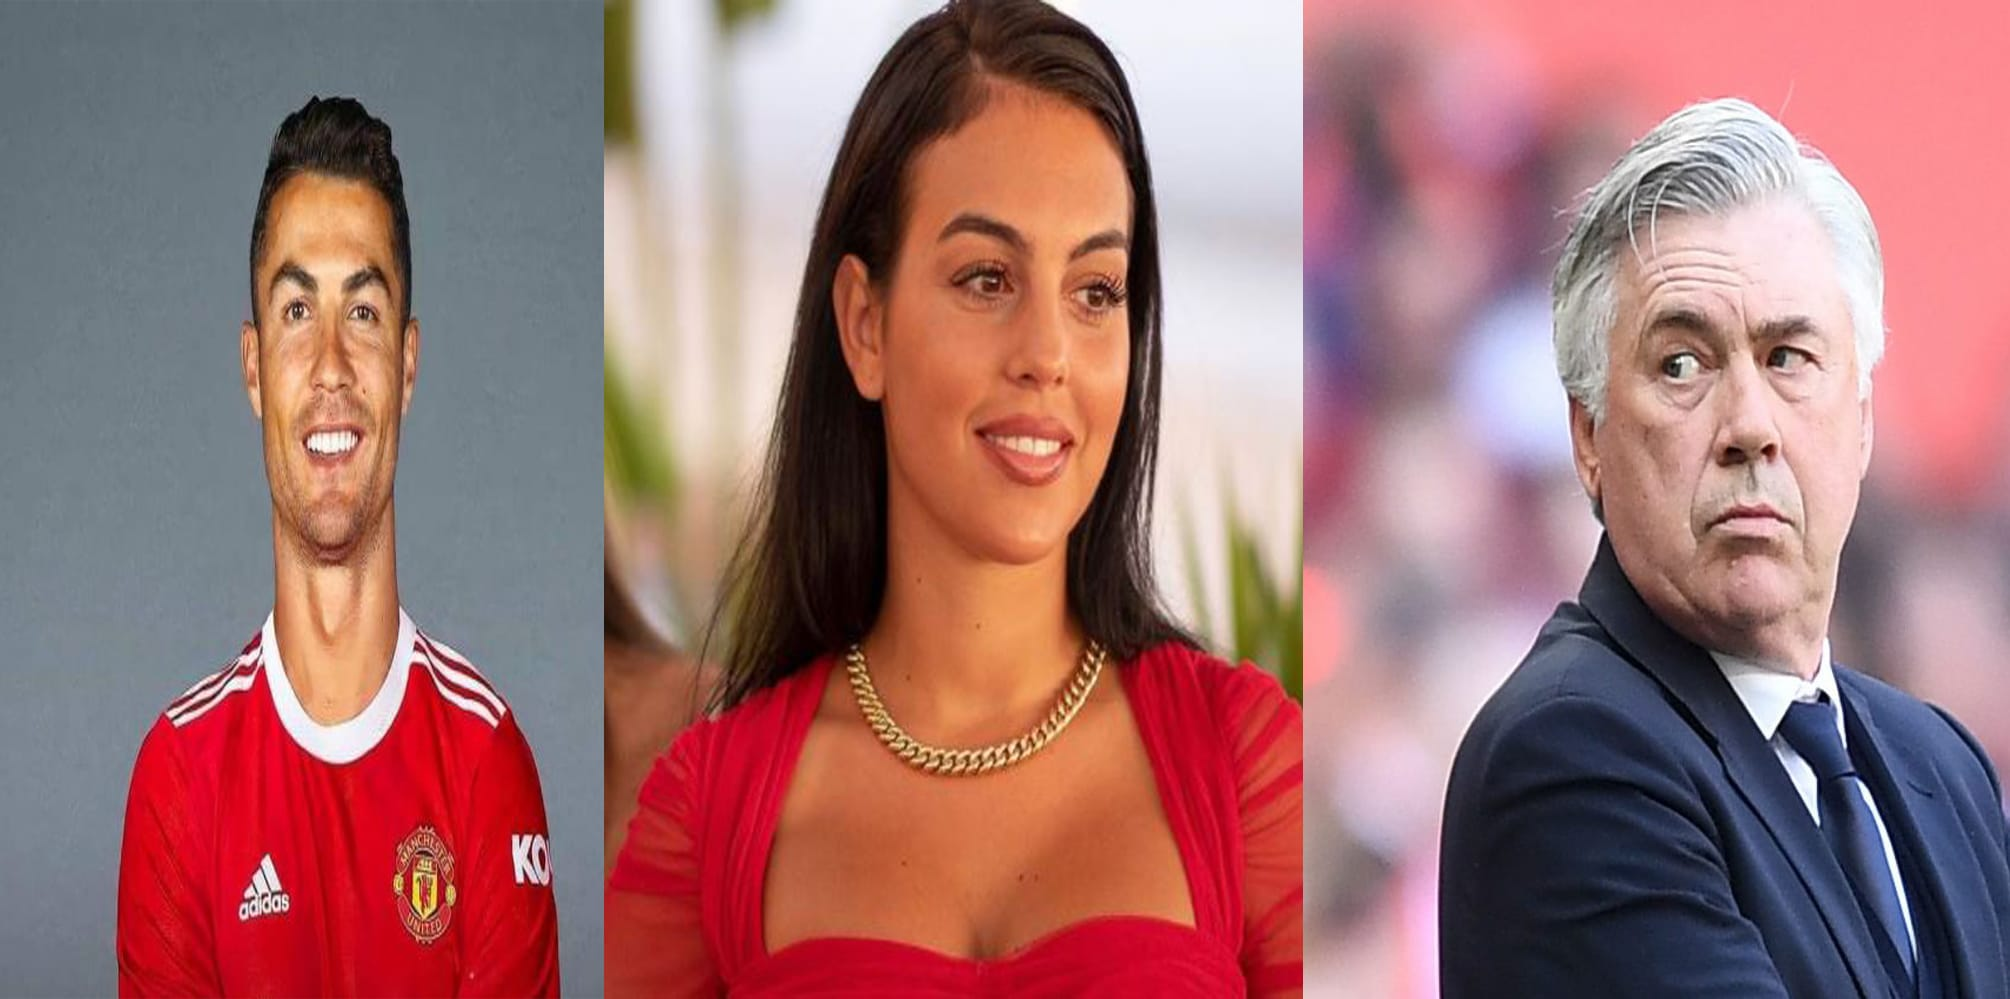 عارضة الأزياء الإسبانية جورجينا والرد على مدرب ريال مدريد أنشيلوتي